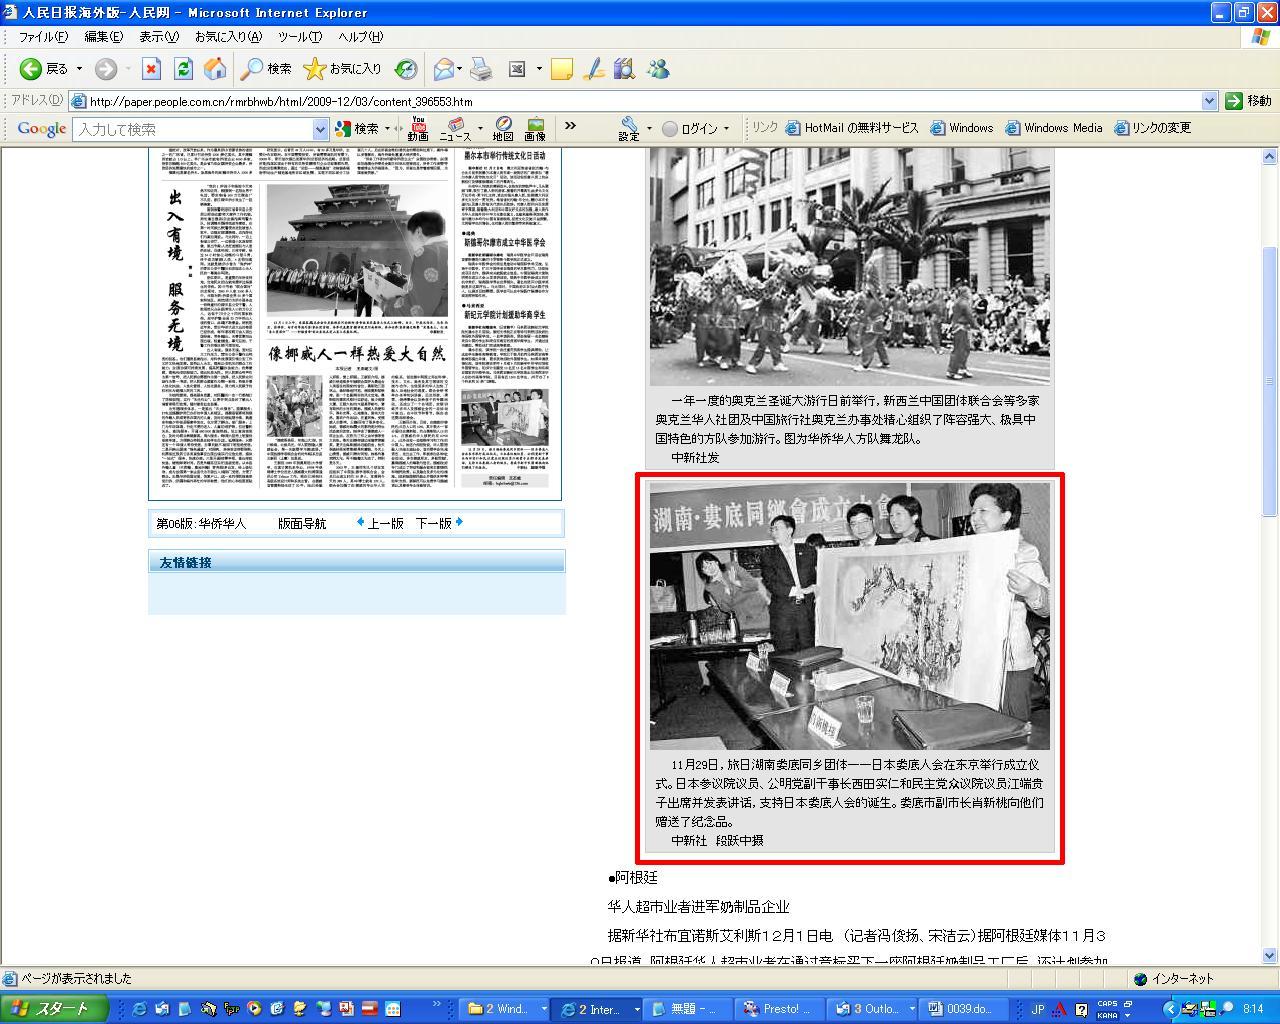 日本婁底人会発足の写真 人民日報(海外版)に掲載_d0027795_8173665.jpg